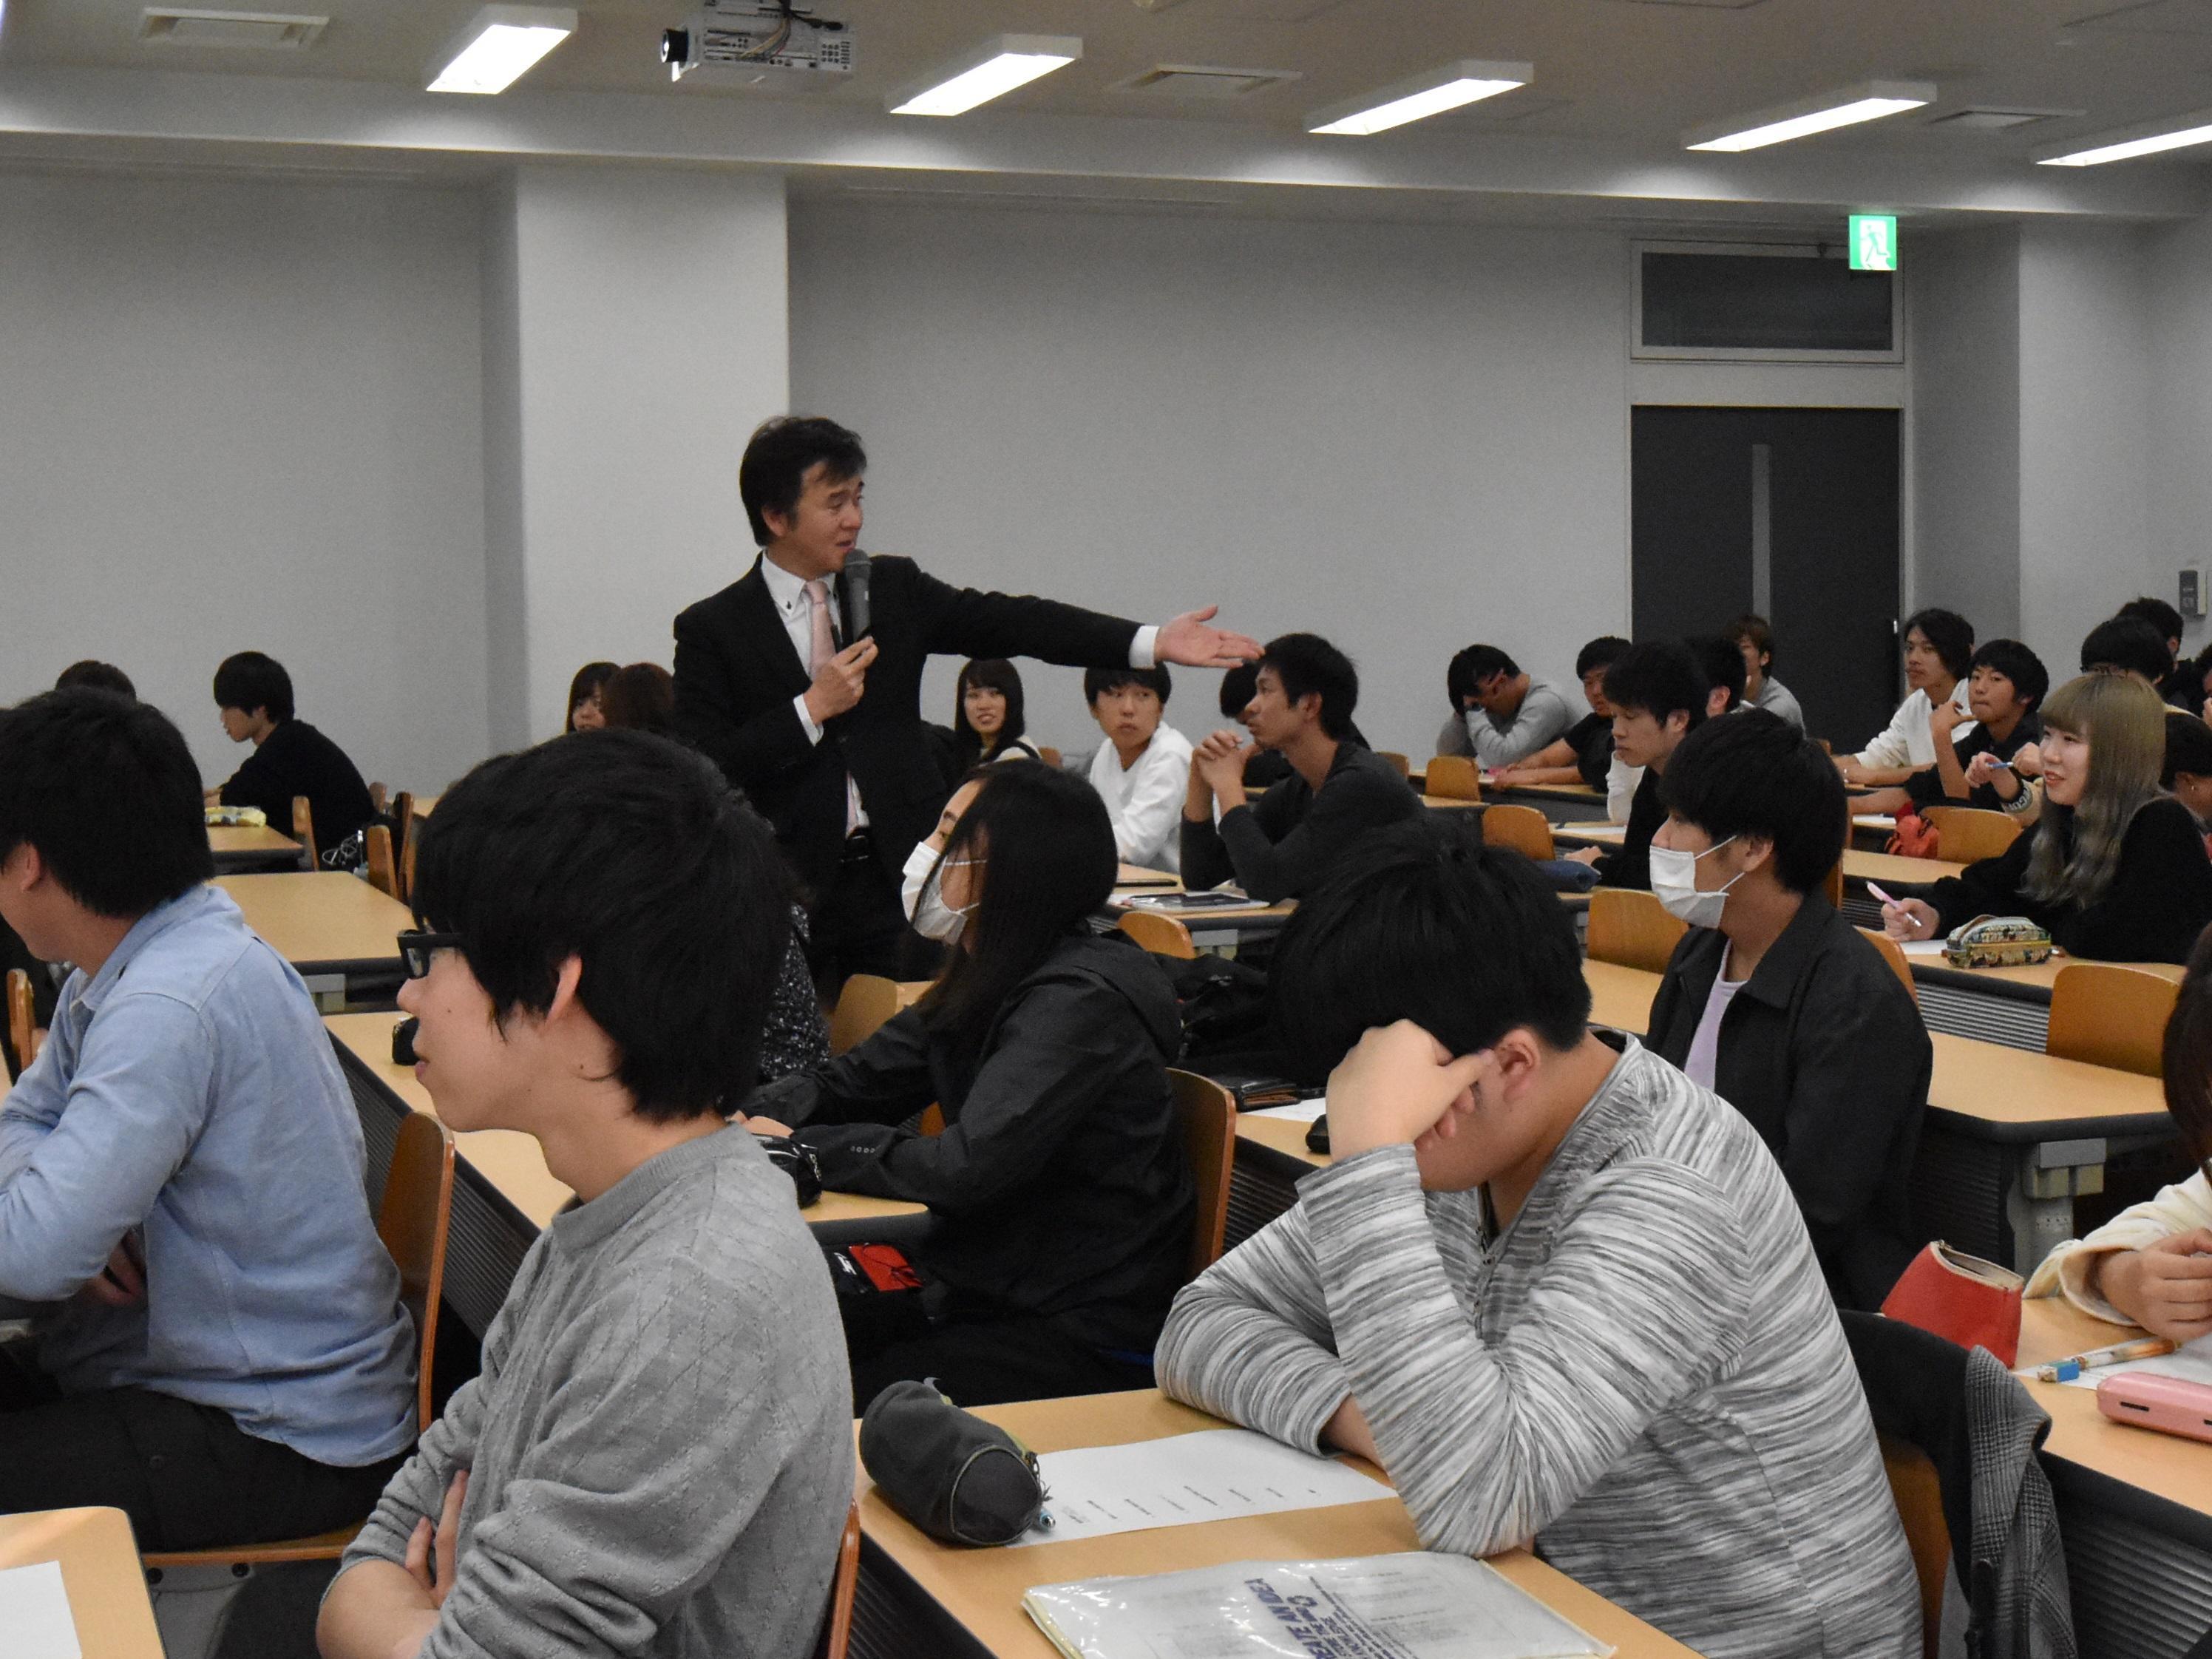 学生に質問を投げかける武山税理士